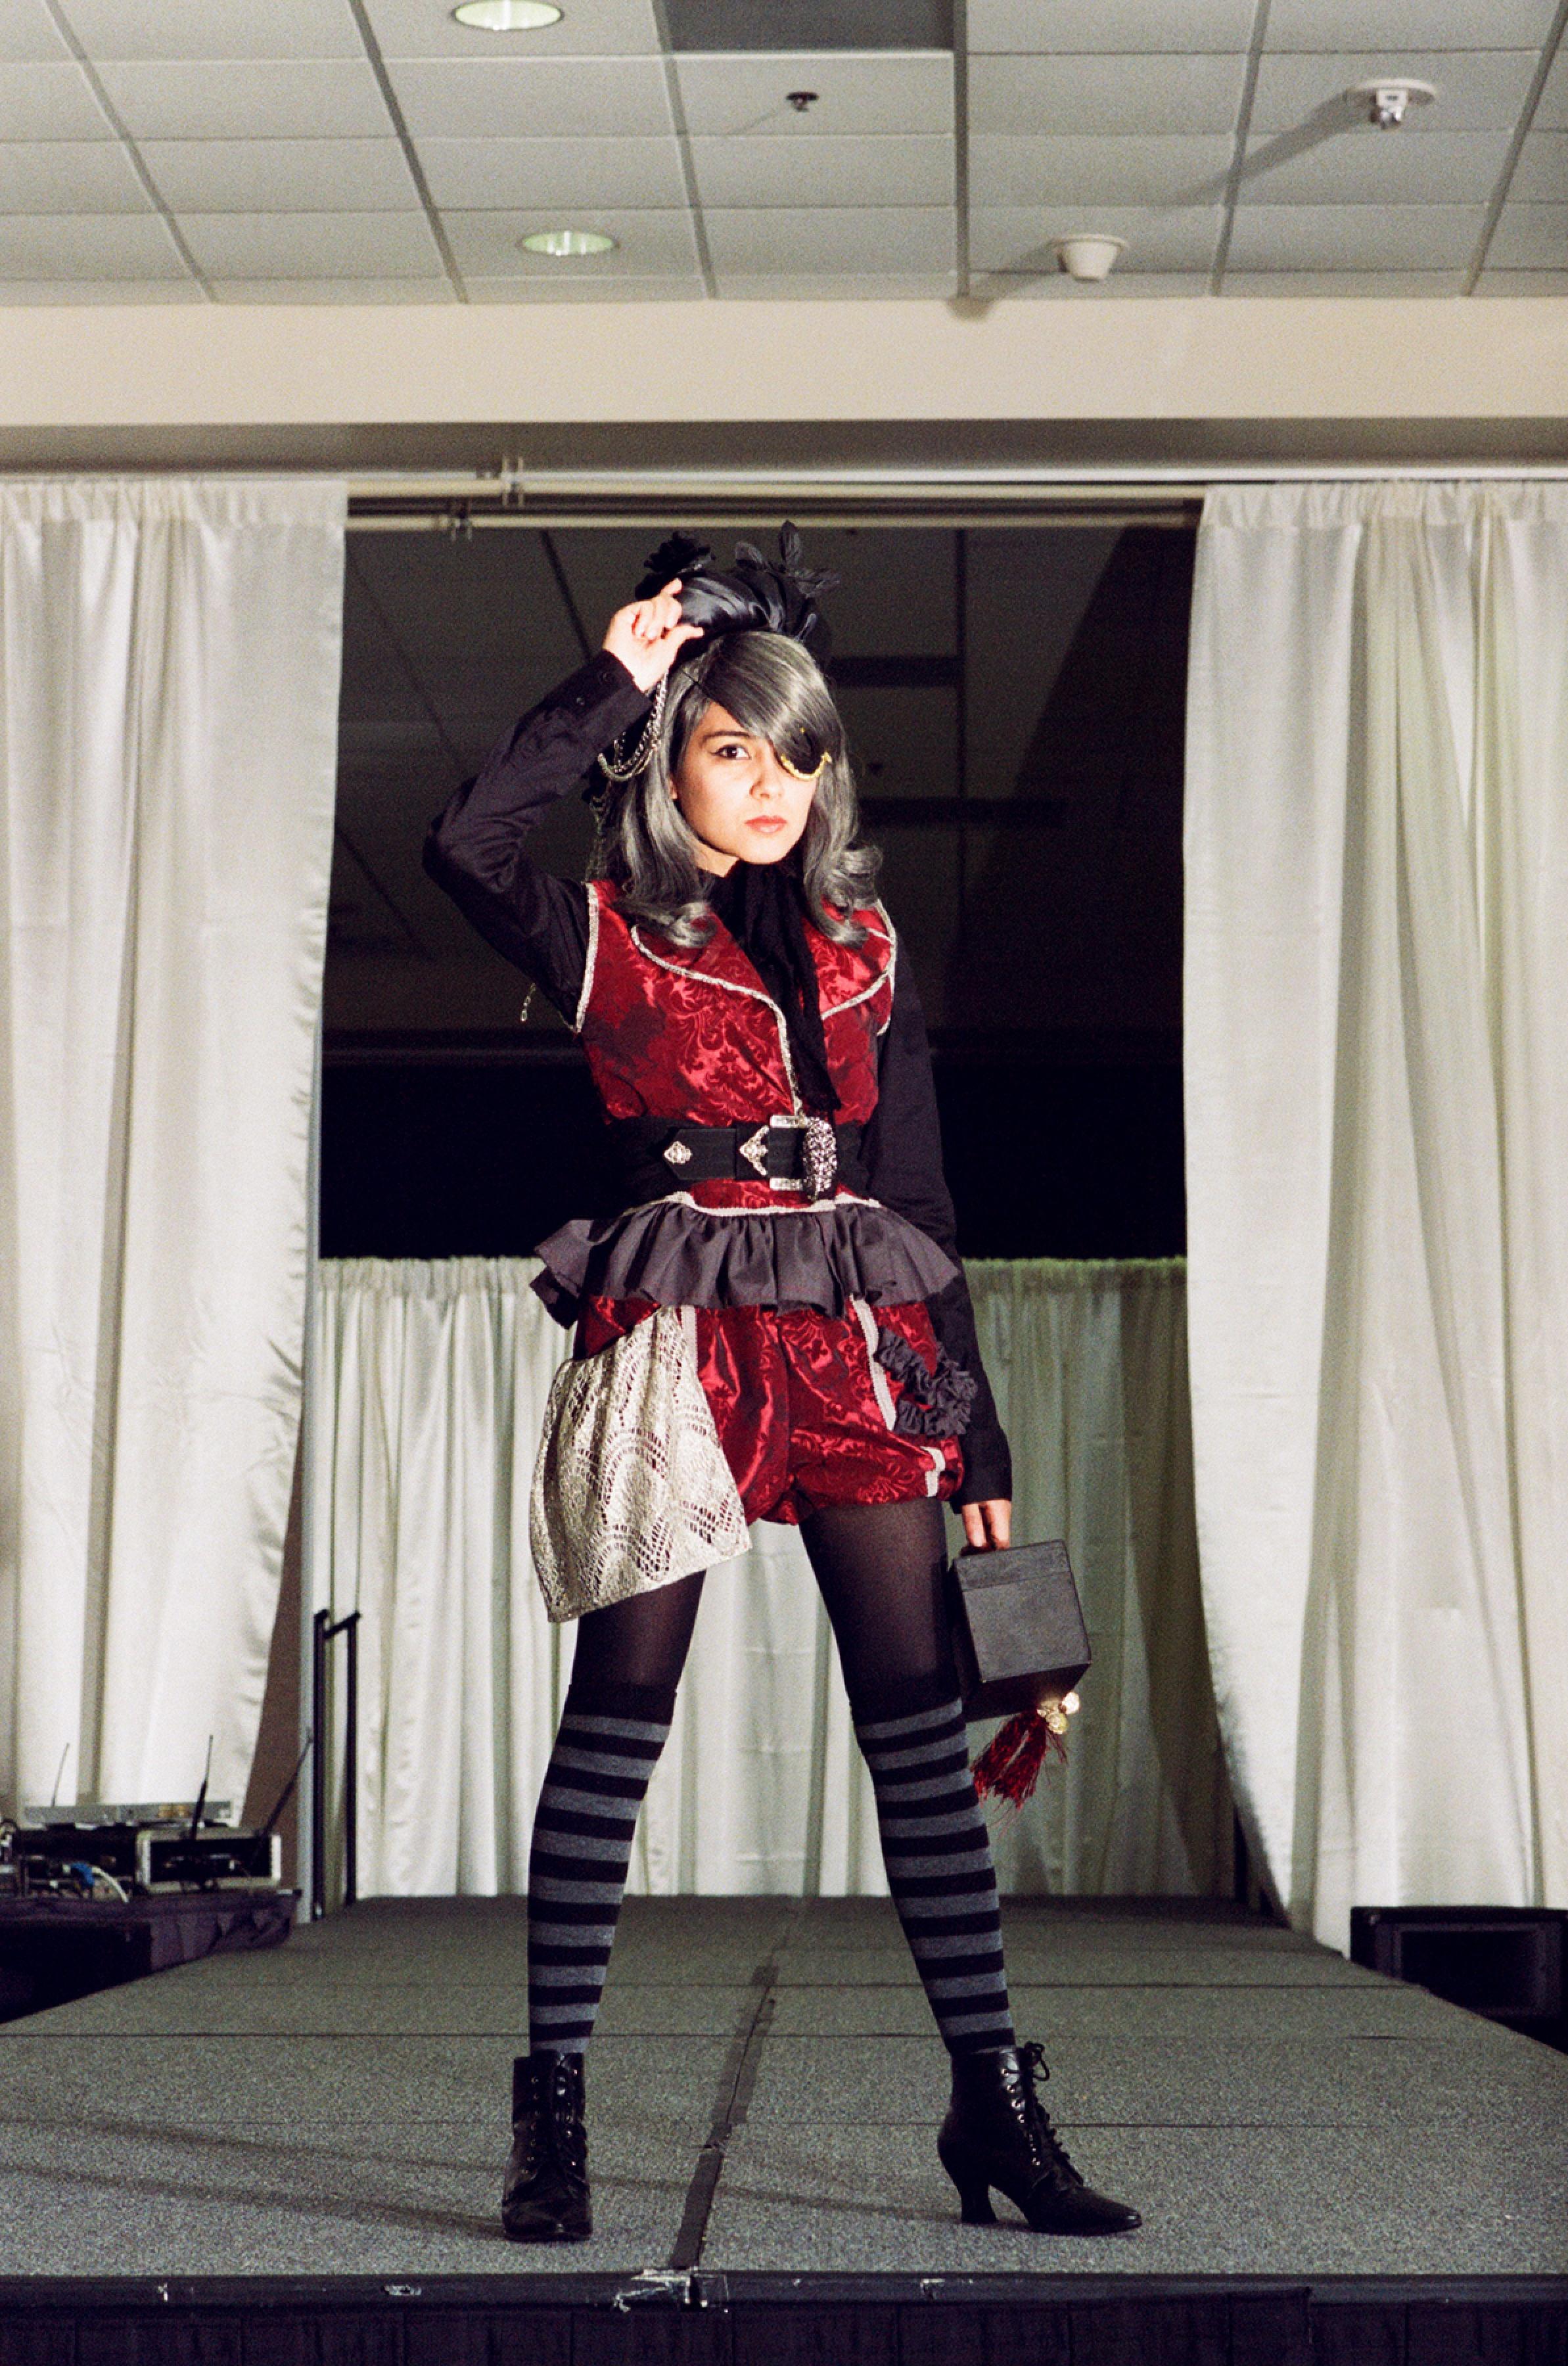 Lolita fashion show in Orange County, CA.